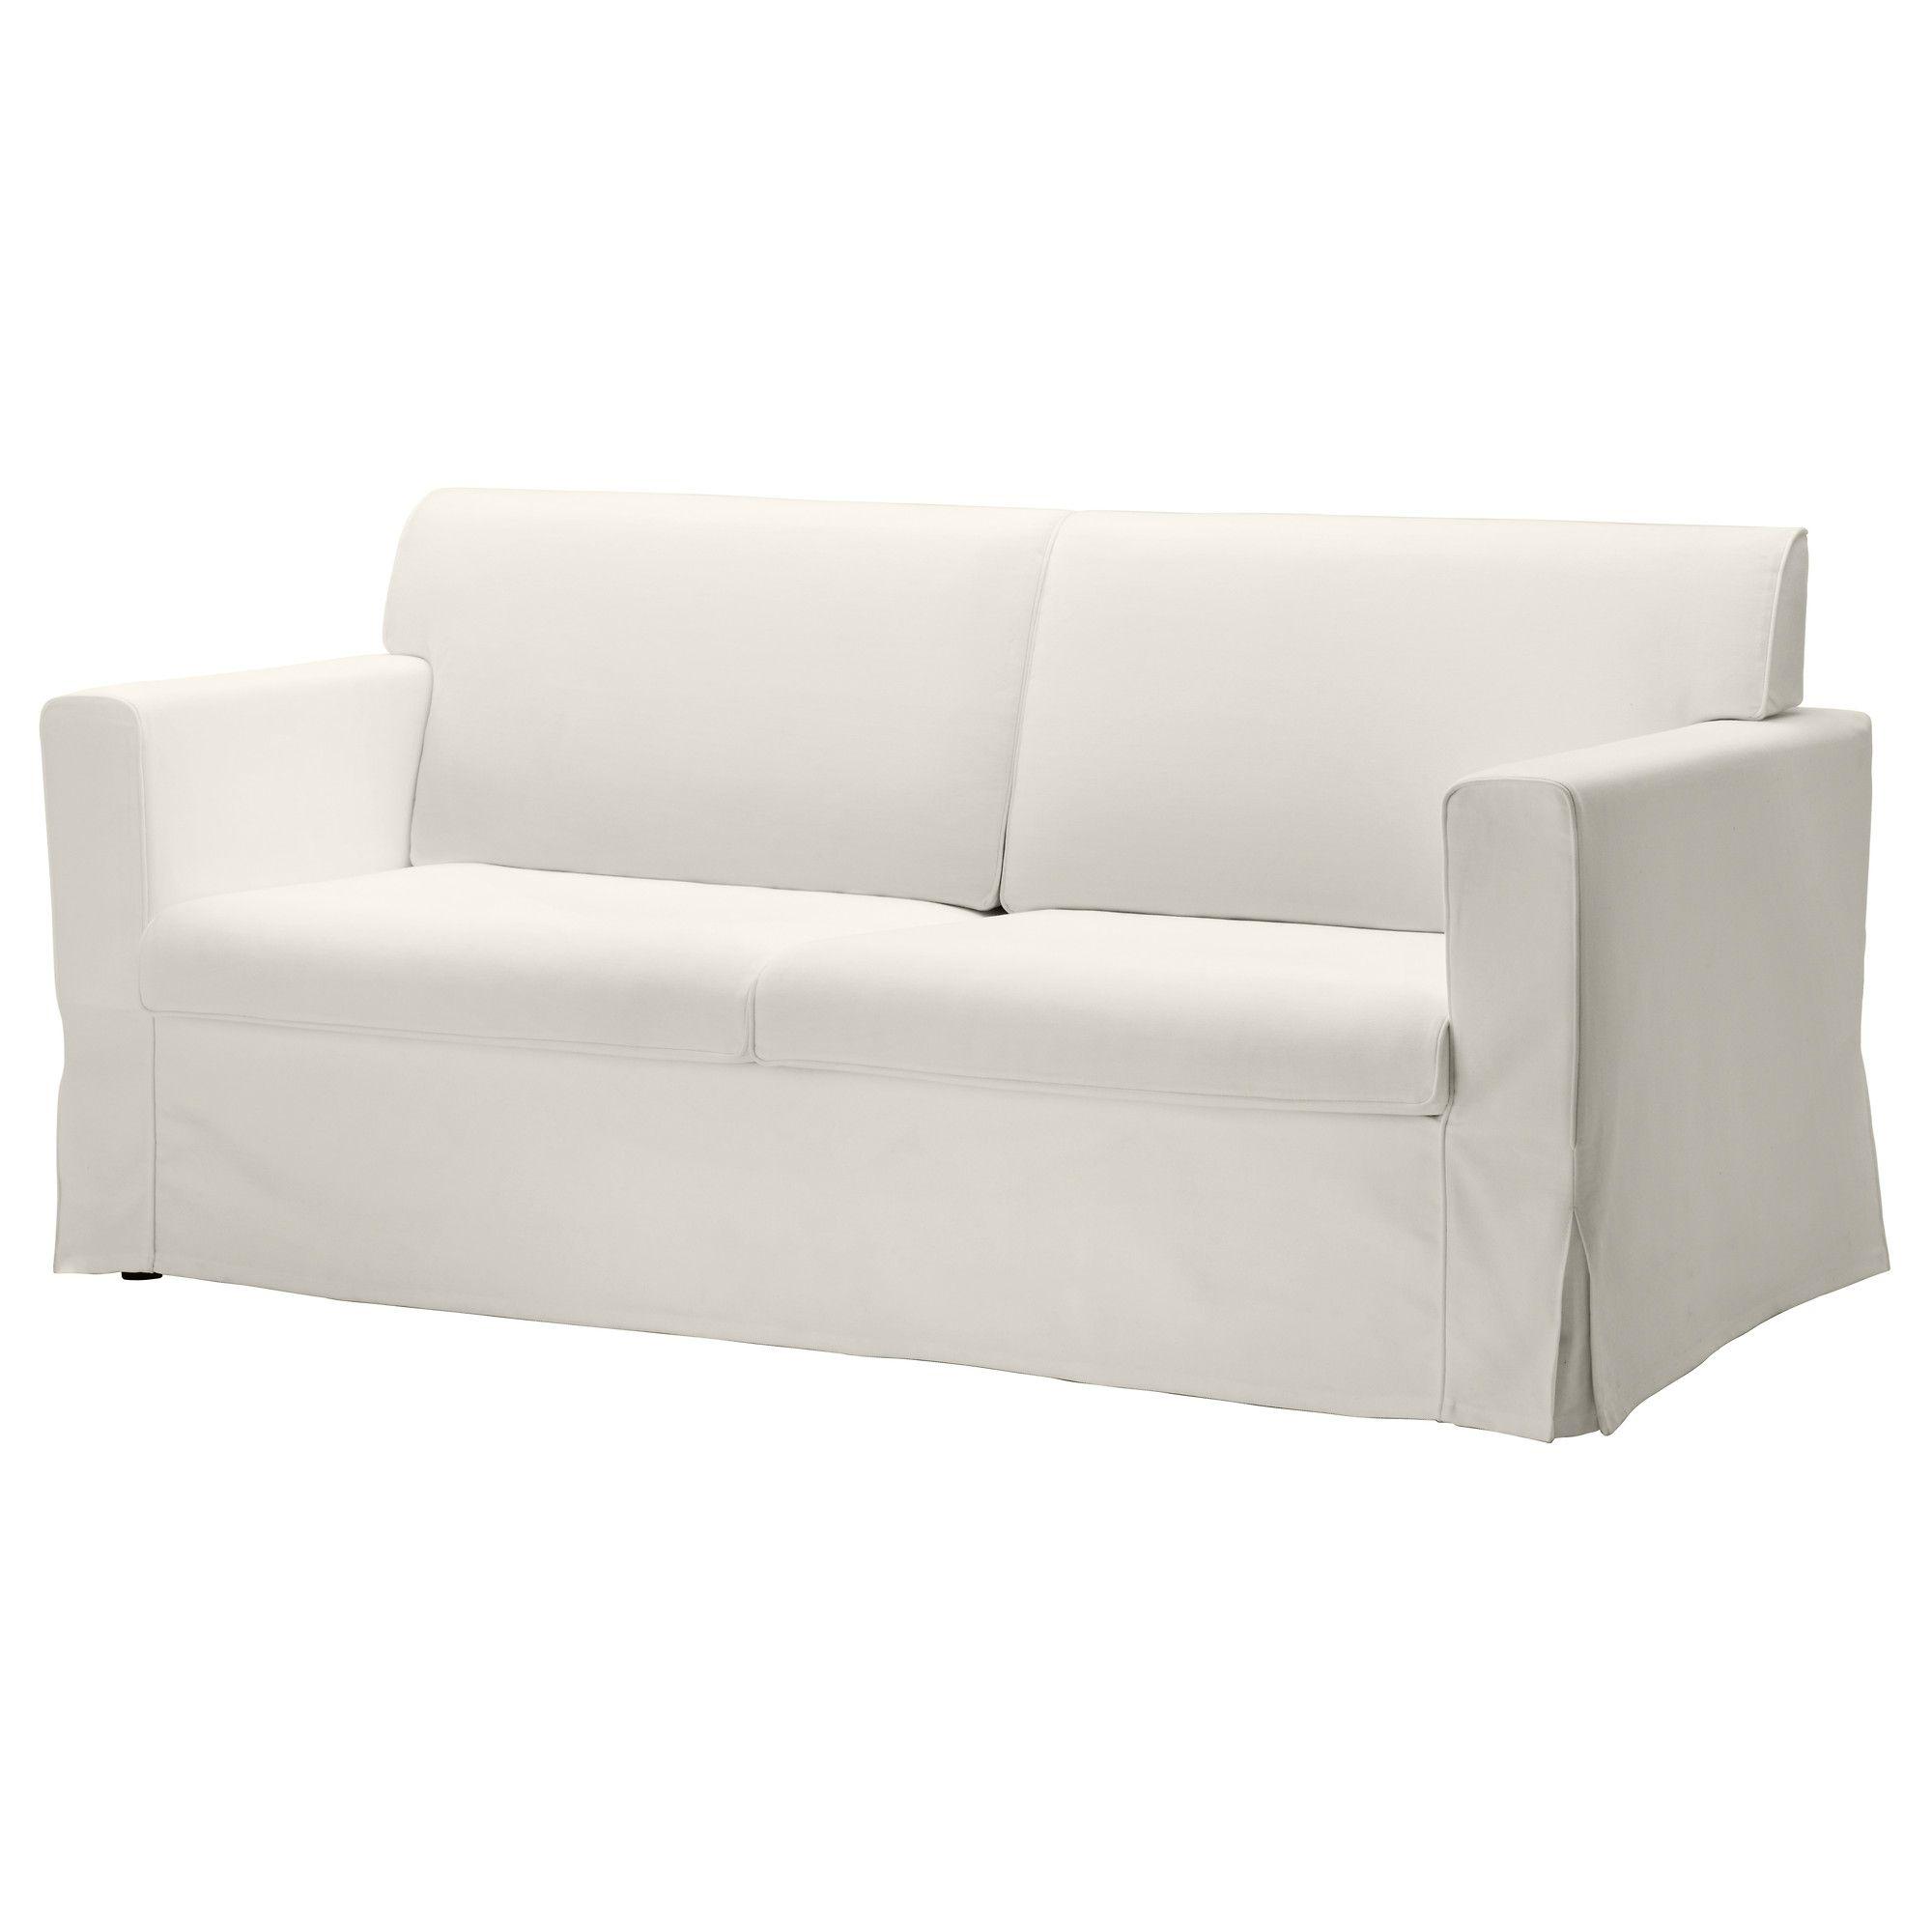 Mobel Einrichtungsideen Fur Dein Zuhause Wohnung Sofa Kleines Sofa Und Ikea Wohnzimmer